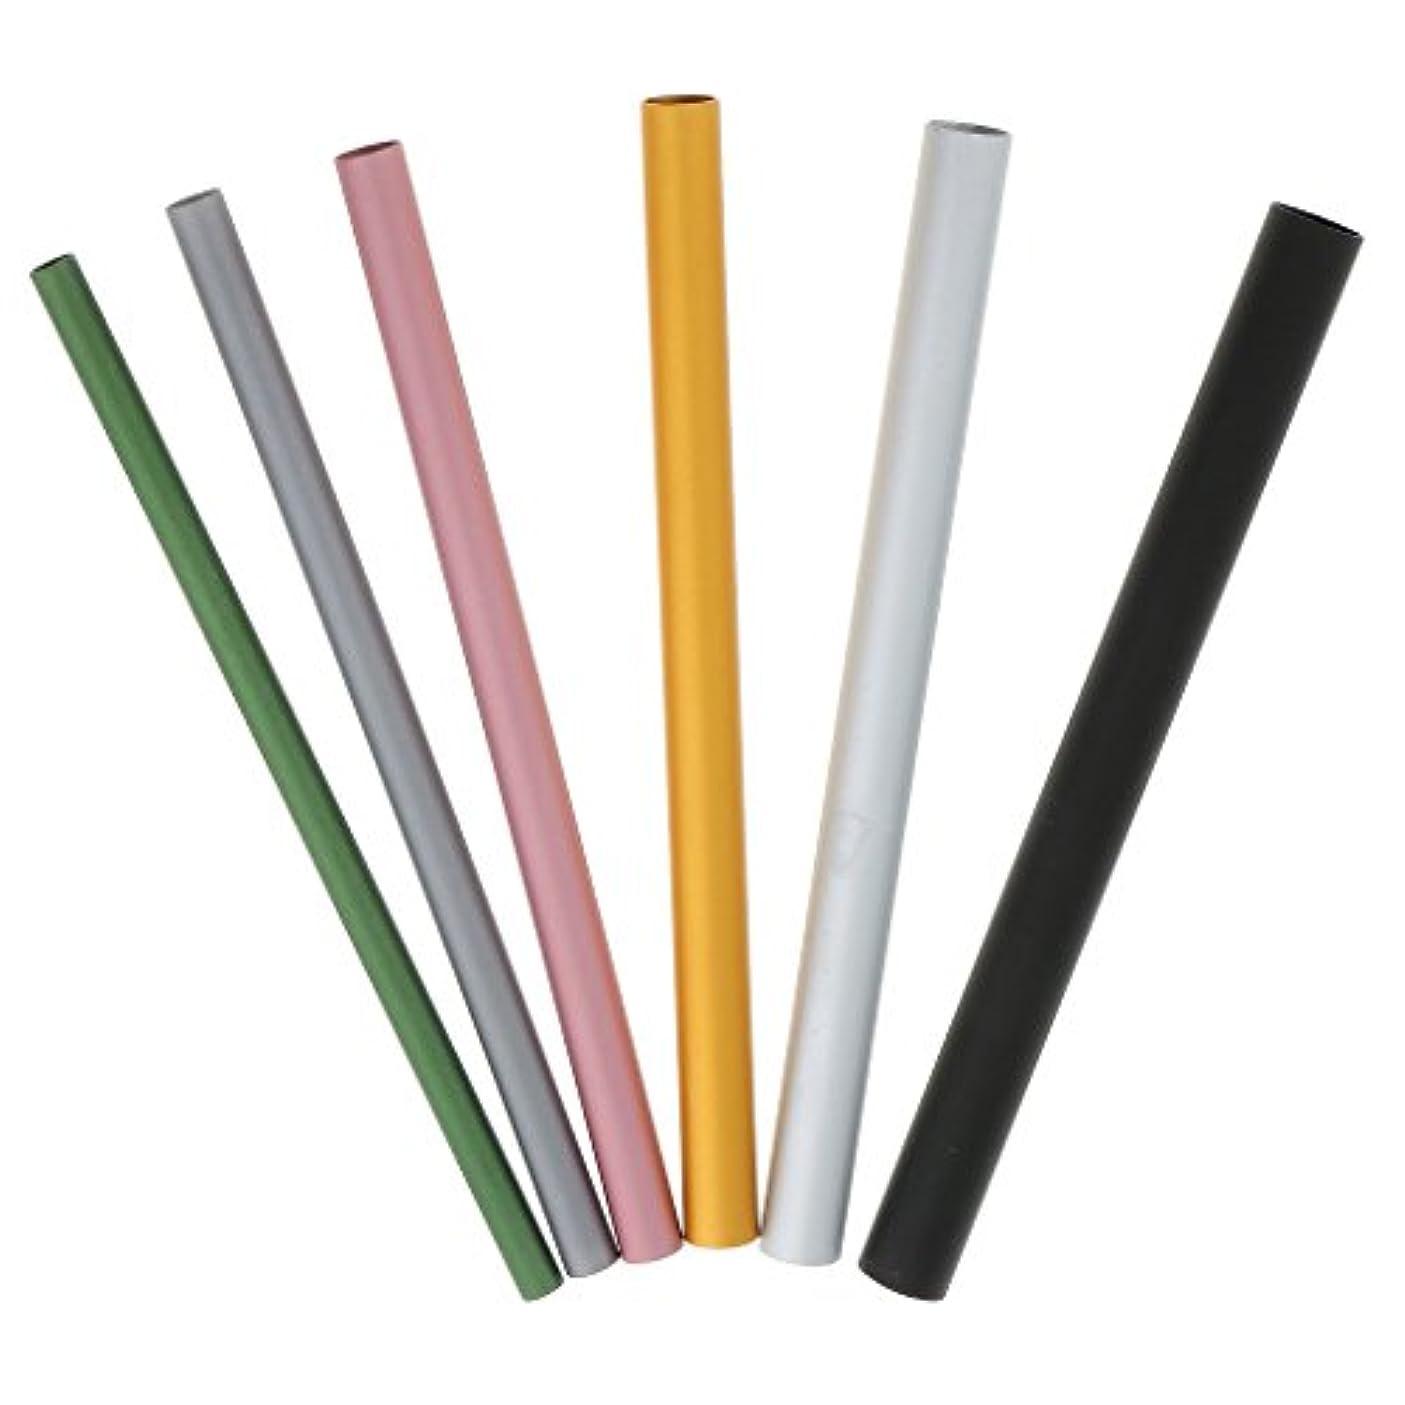 事業内容スカルク果てしないSharplace 6本 ミックスサイズ Cカーブ ネイルアート アルミ棒 ネイル道具